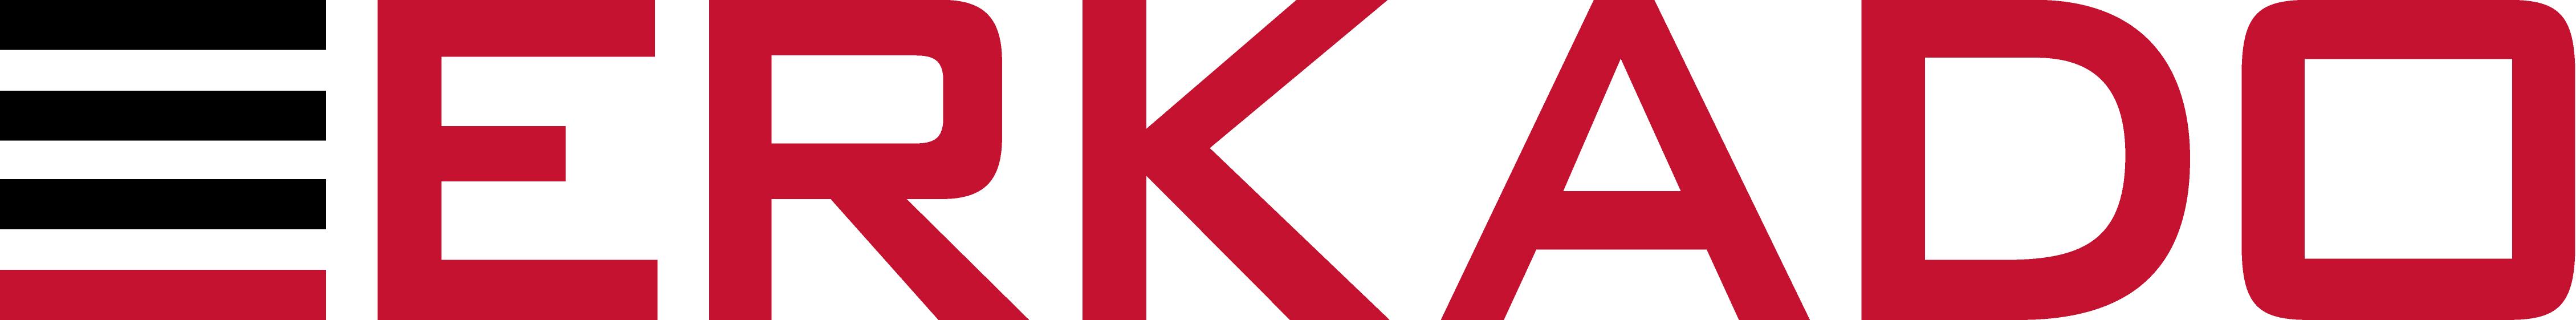 erkado_logo